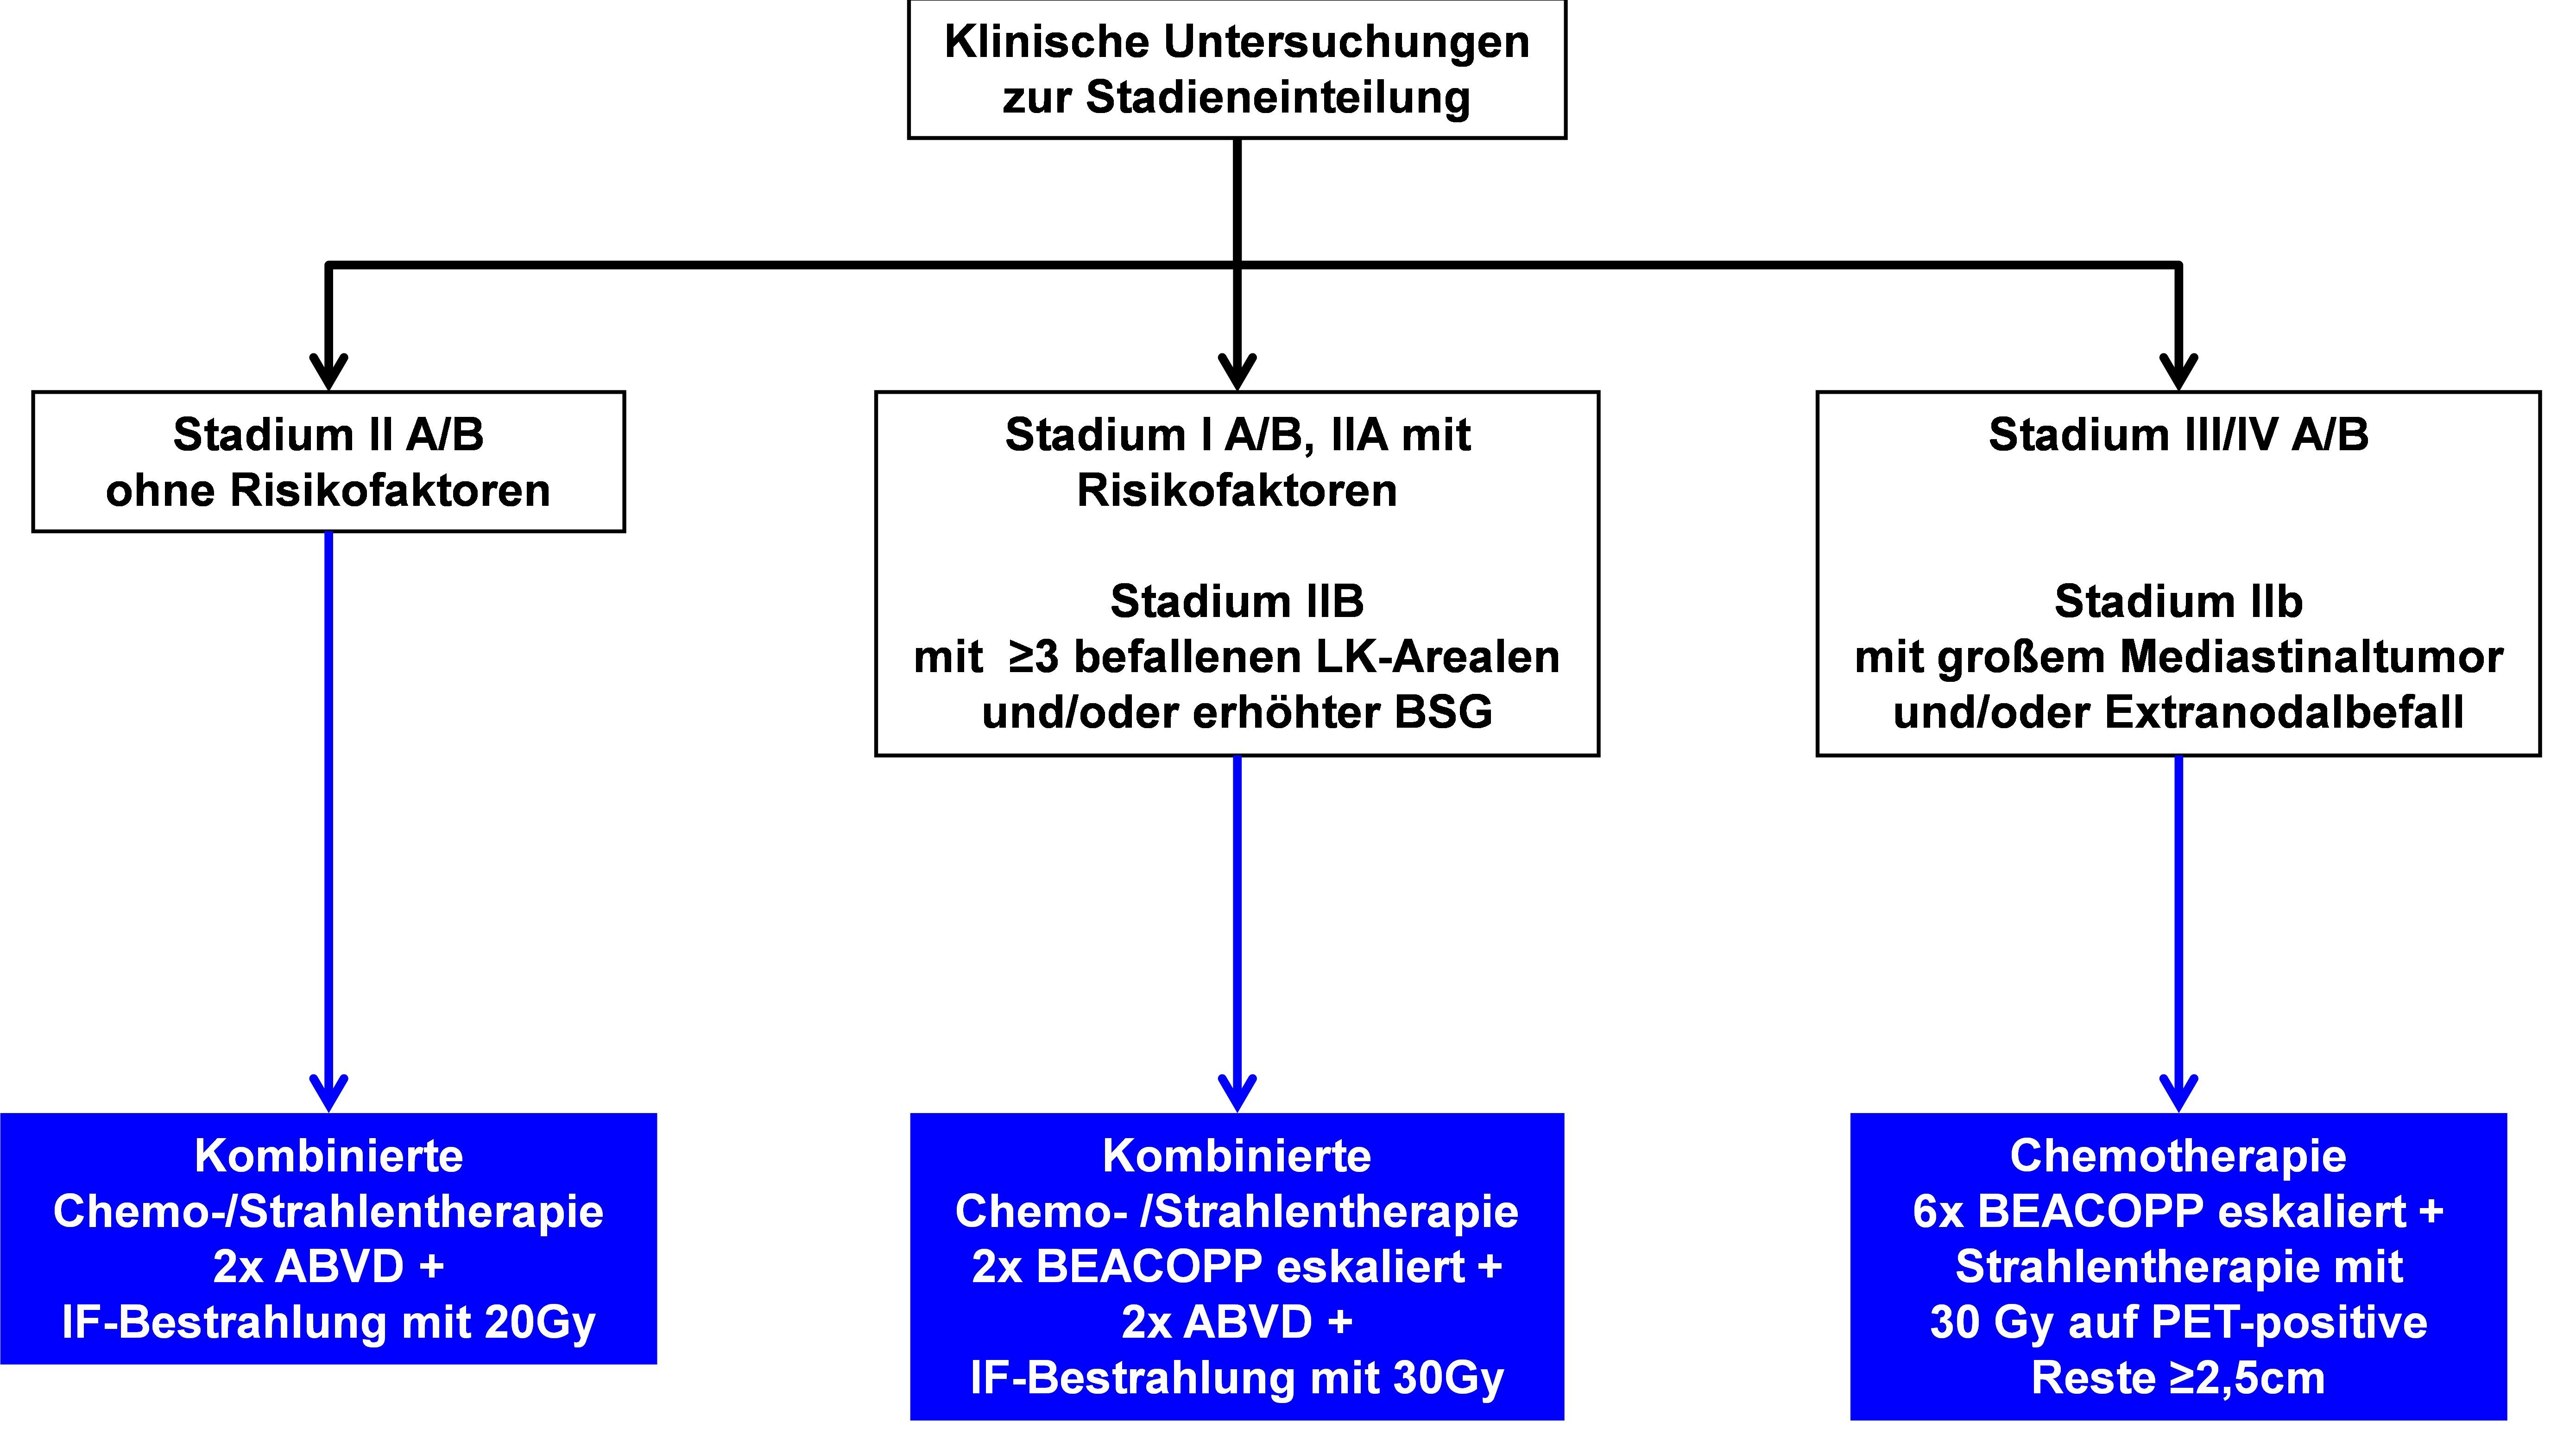 Algorithmus für die stadienadaptierte Therapie bei Erstdiagnose von Patienten zwischen 18 und 60 Jahren (außerhalb von Studien)